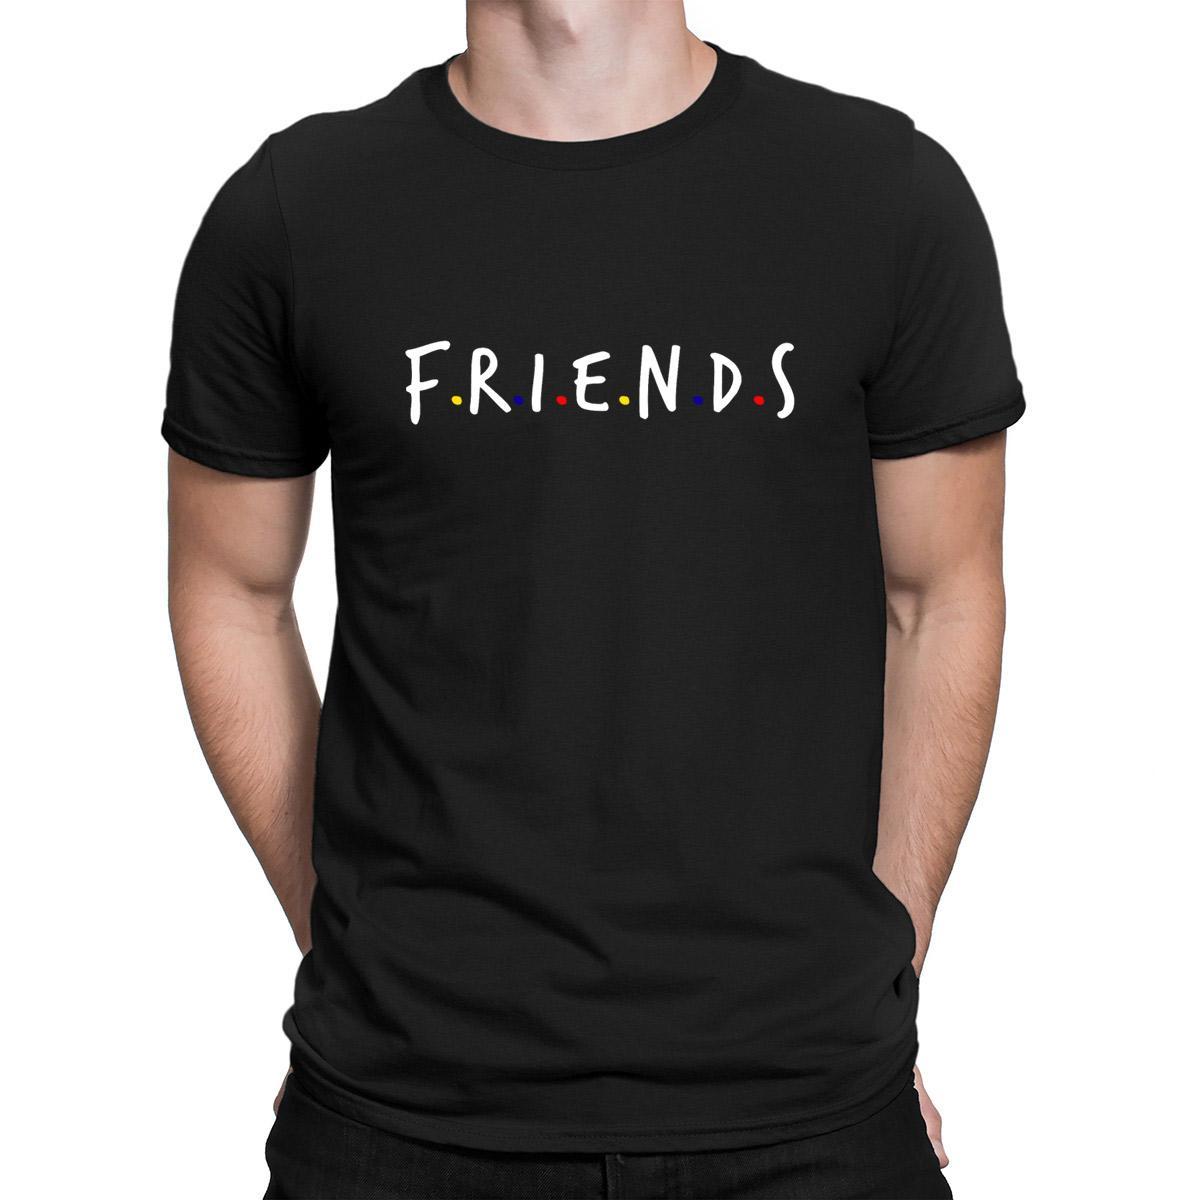 Mostrar Freinds camiseta 2018 Lema loco O cuello de la camiseta para los hombres Crear divertidos Casual Letter Anlarach ropa